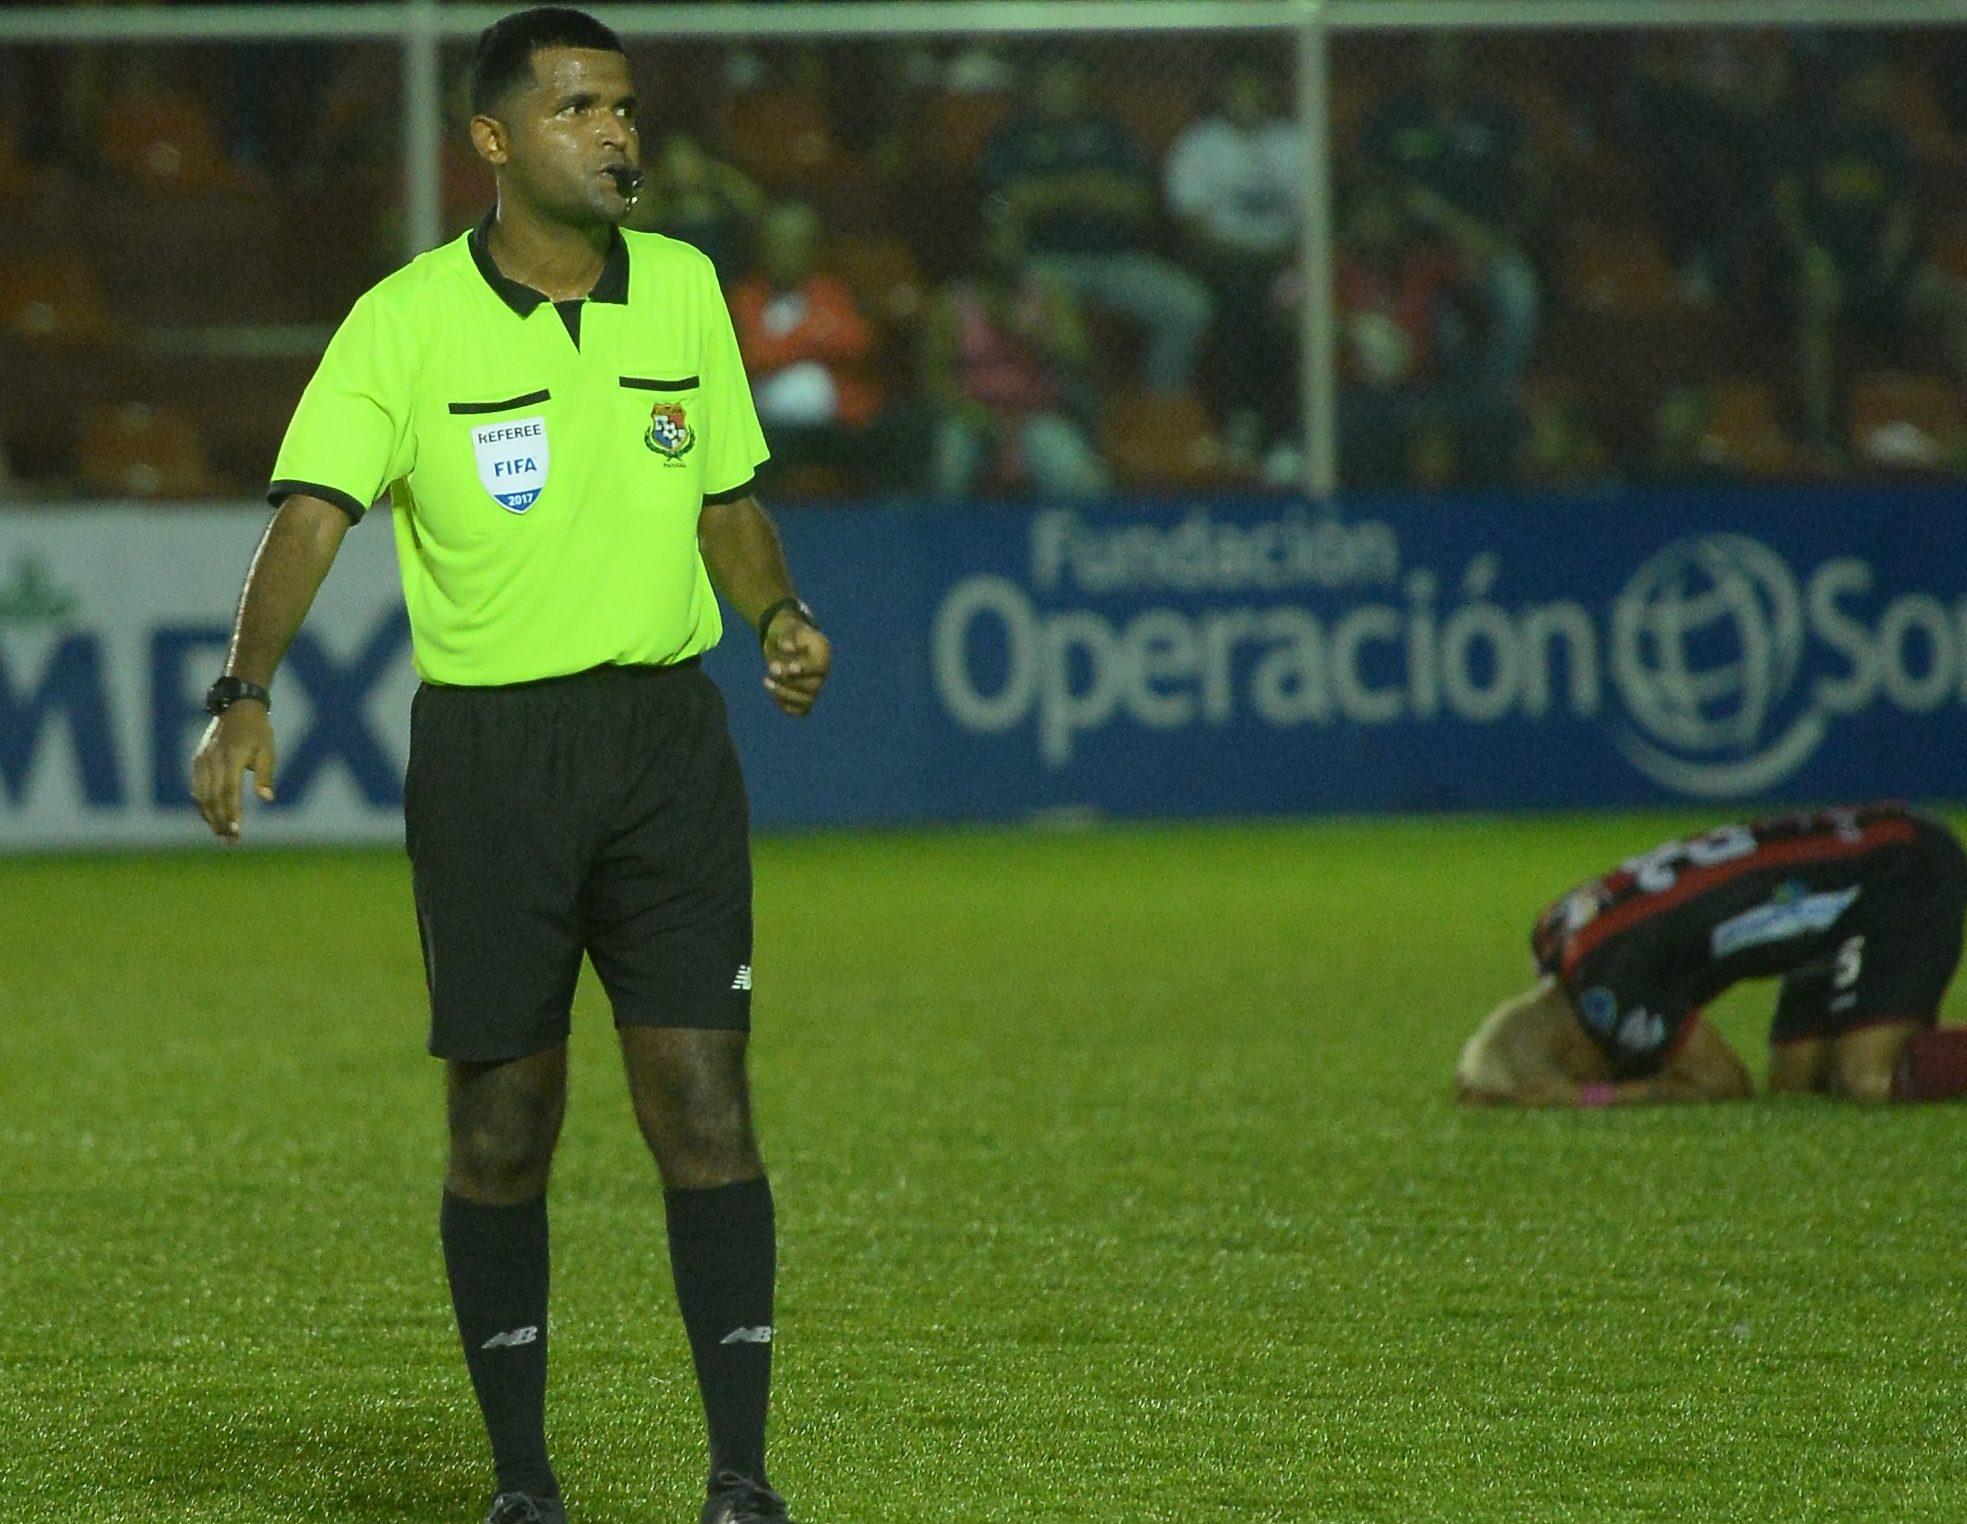 Recolector Basura Arbitro Mundialista Panamá Gabriel Victoria